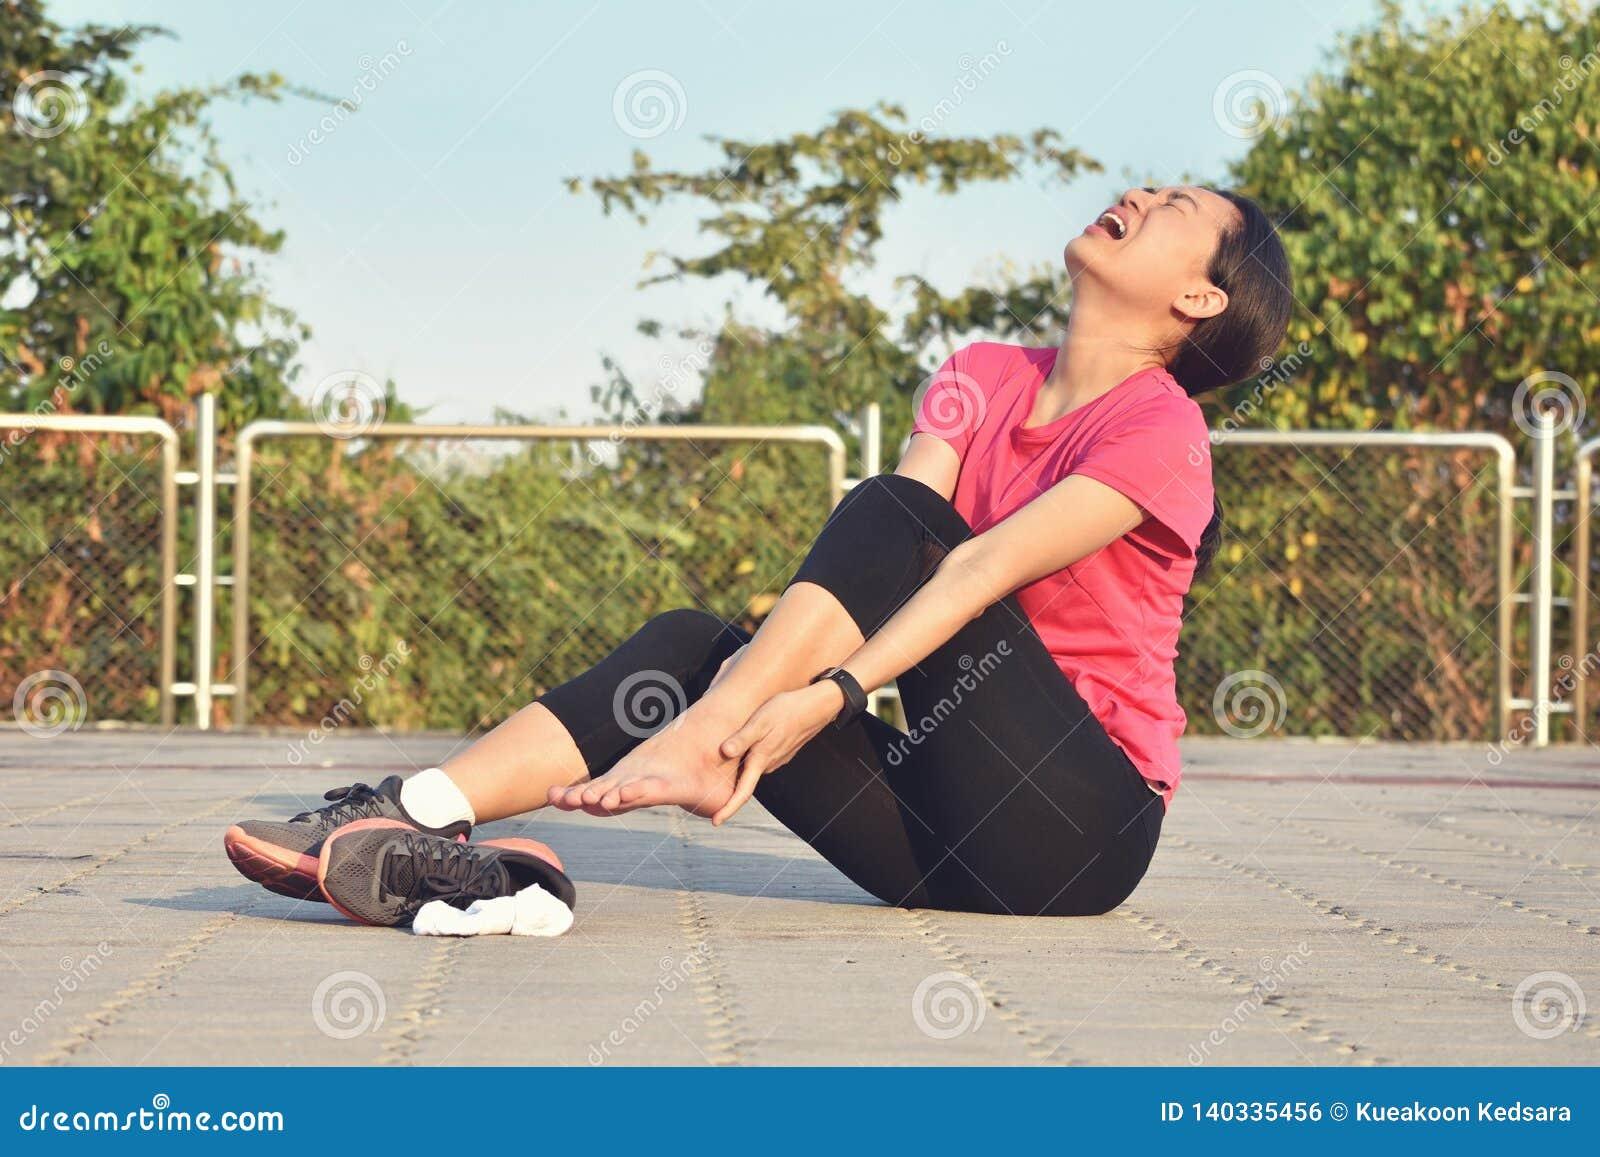 伤害妇女的赛跑者在痛苦中握痛苦的被扭伤的脚腕